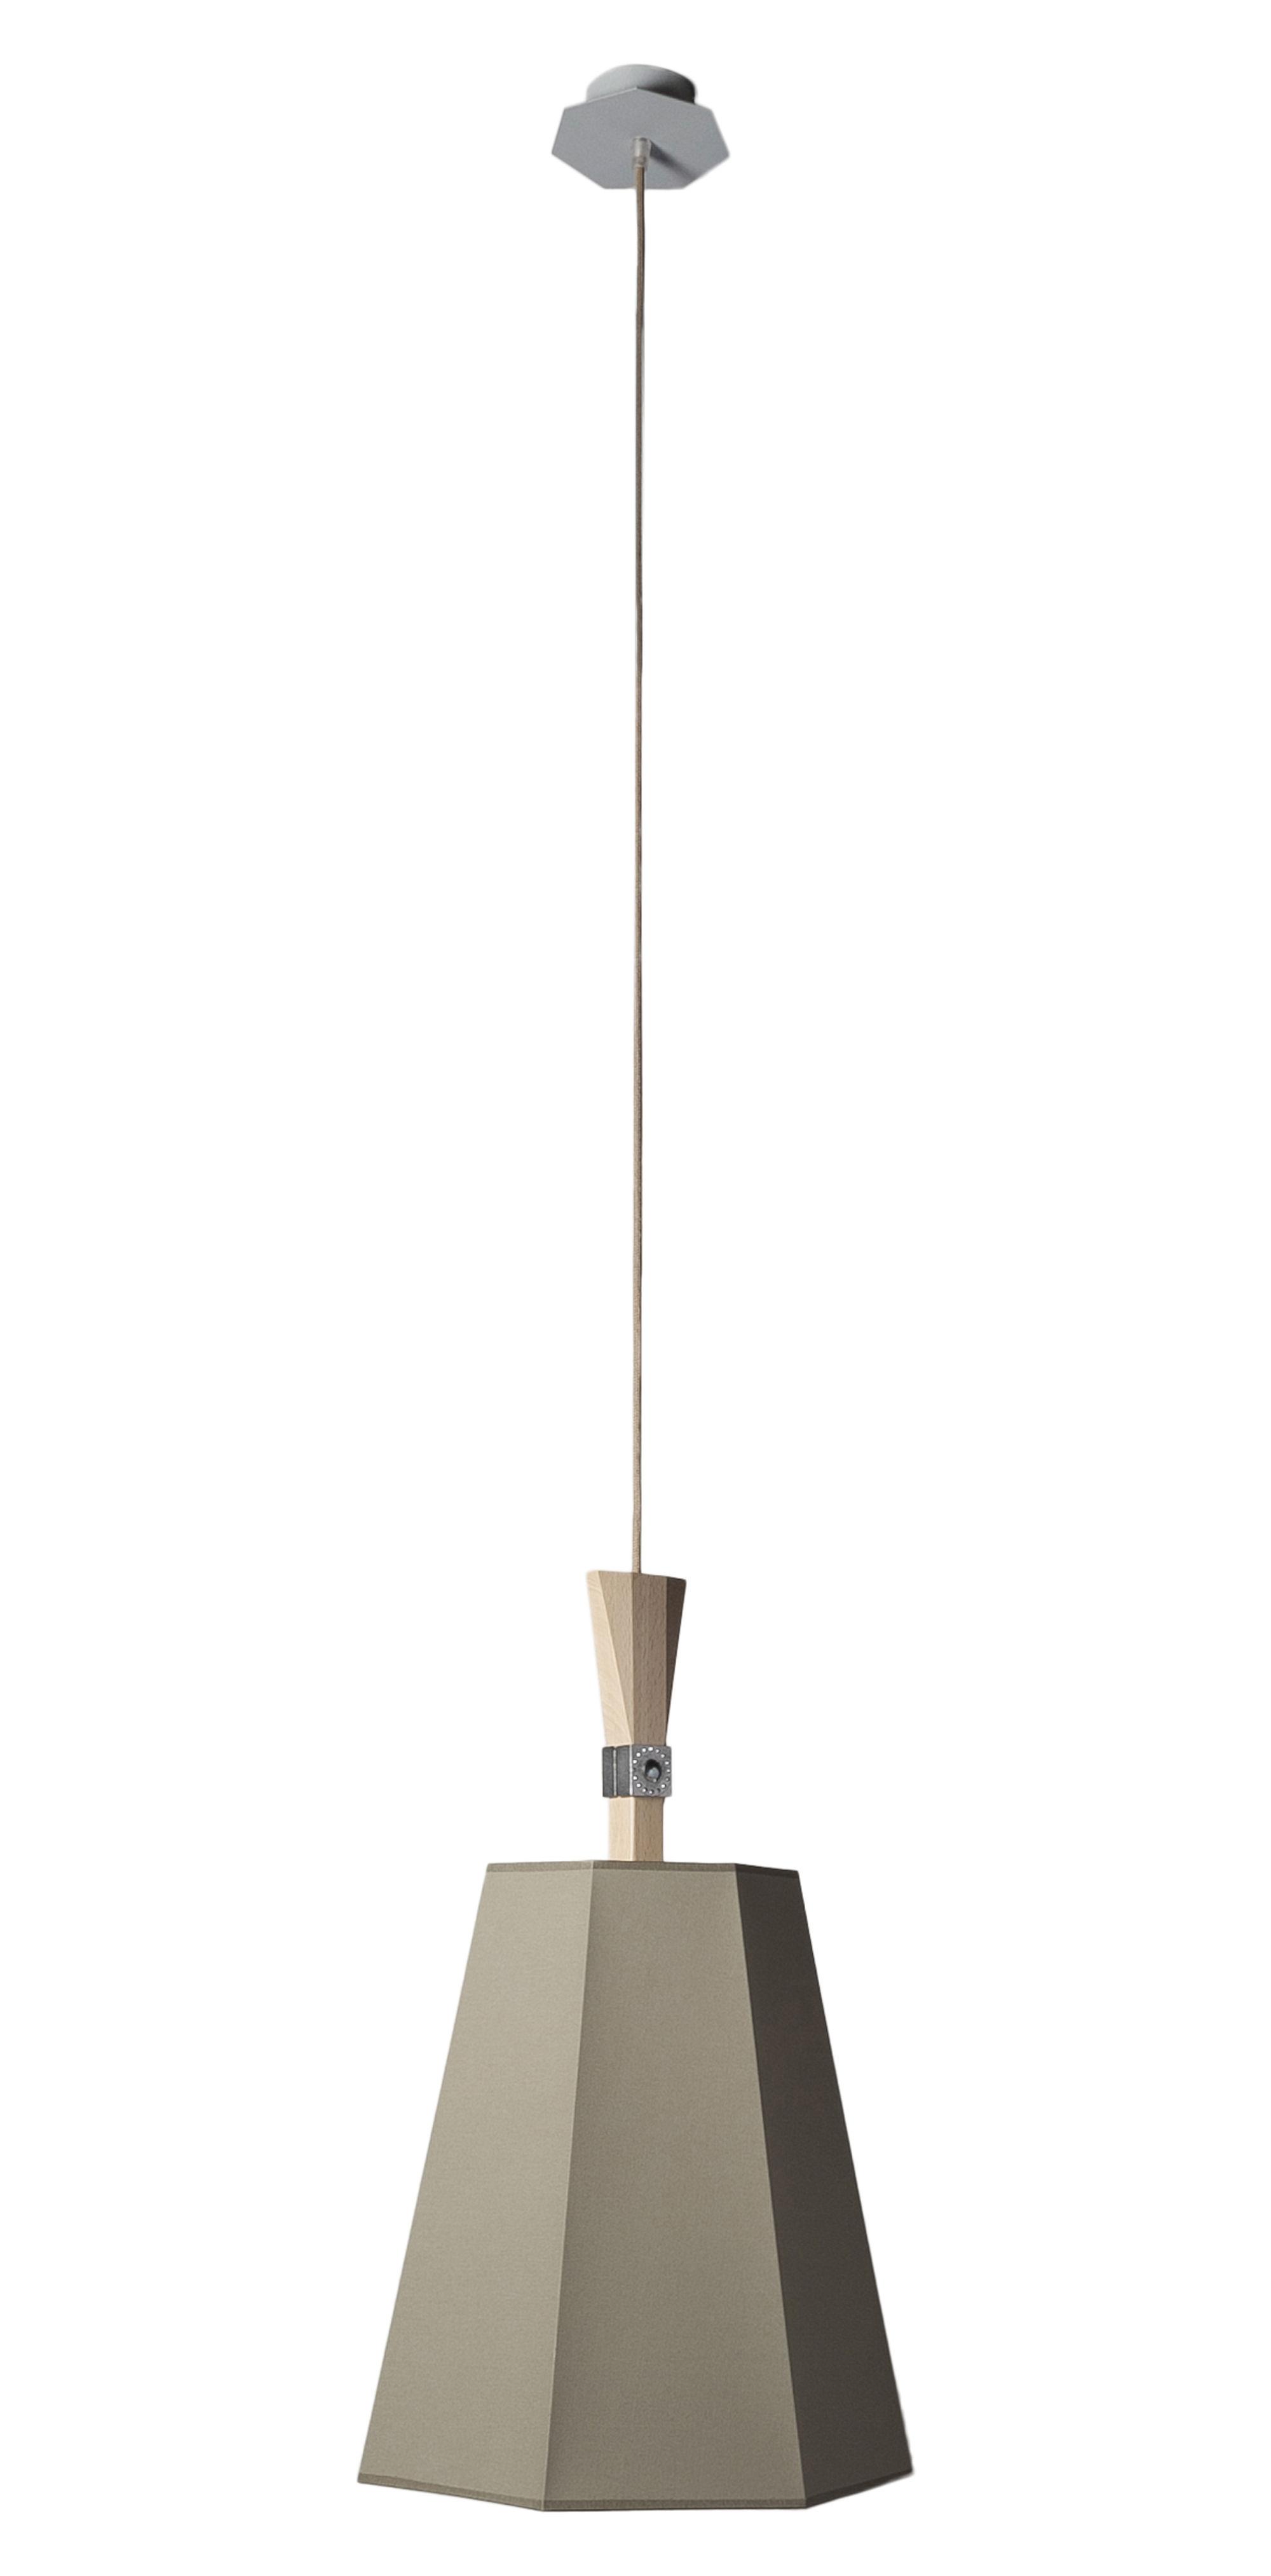 Illuminazione - Lampadari - Sospensione LuXiole - Ø 40 cm di Designheure - Paralume Kaki / int. bianco - Cotone, Faggio